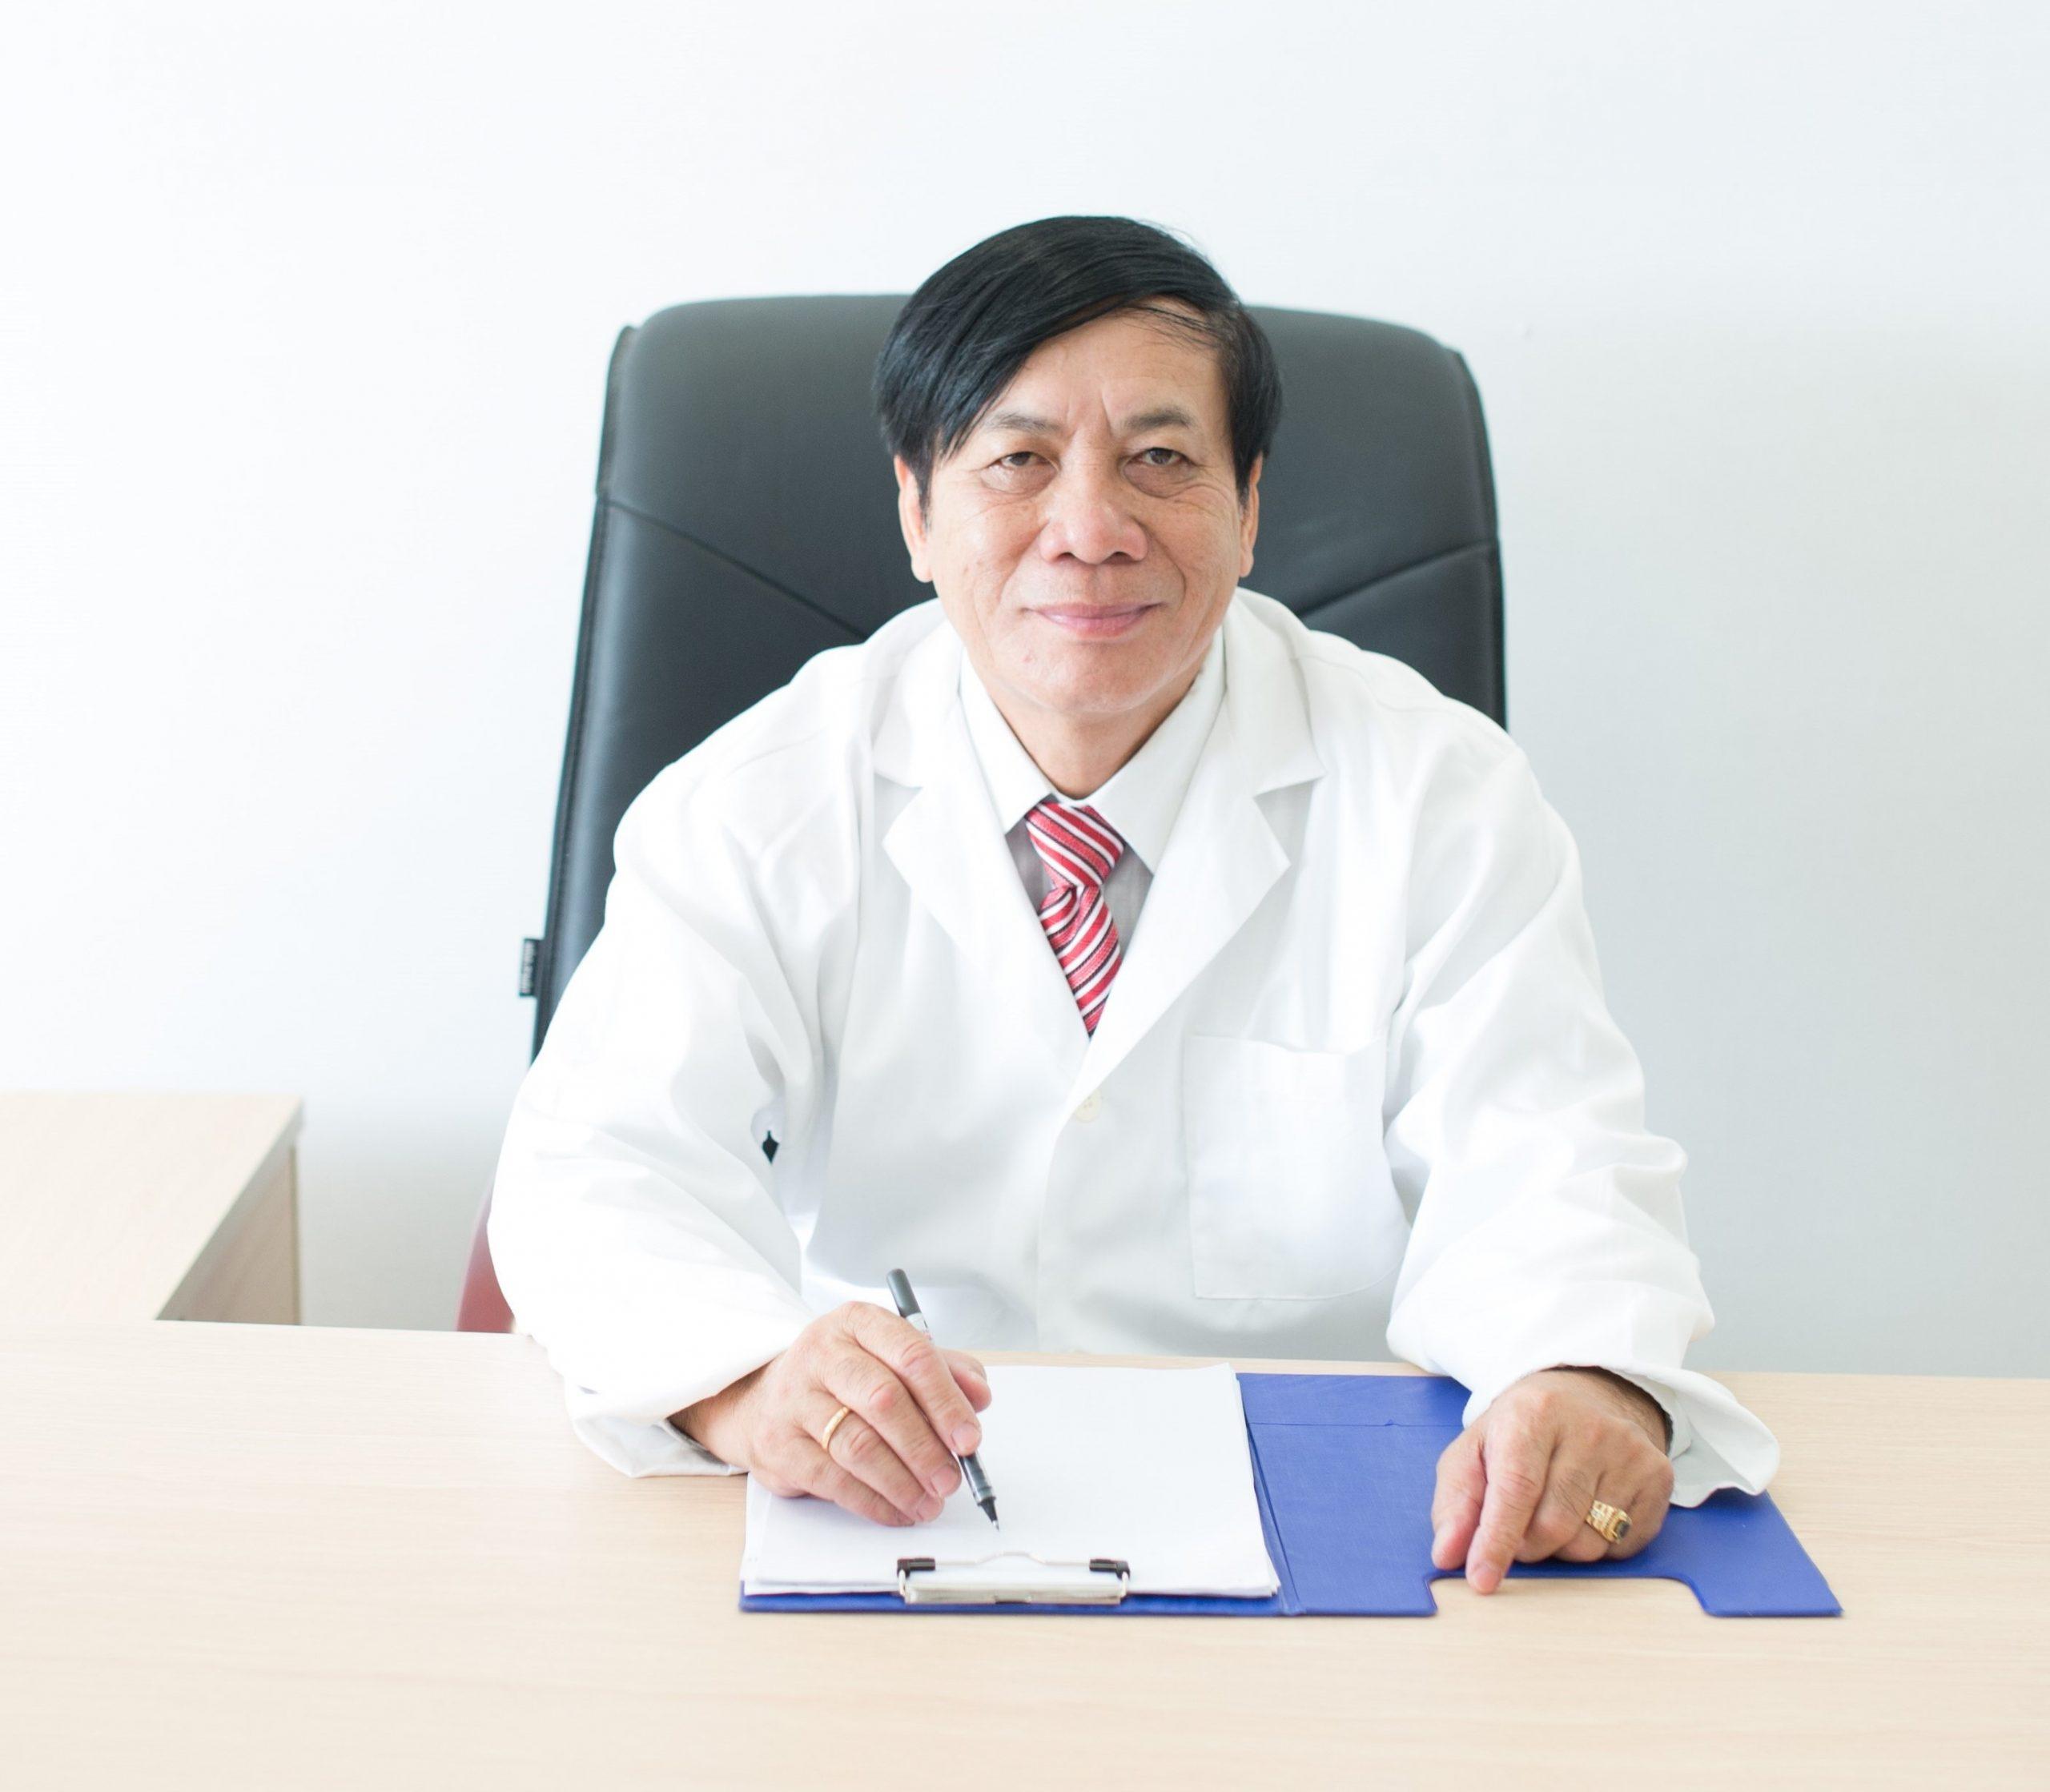 TTƯT BS.CKII NGUYỄN HOÀNG MINH